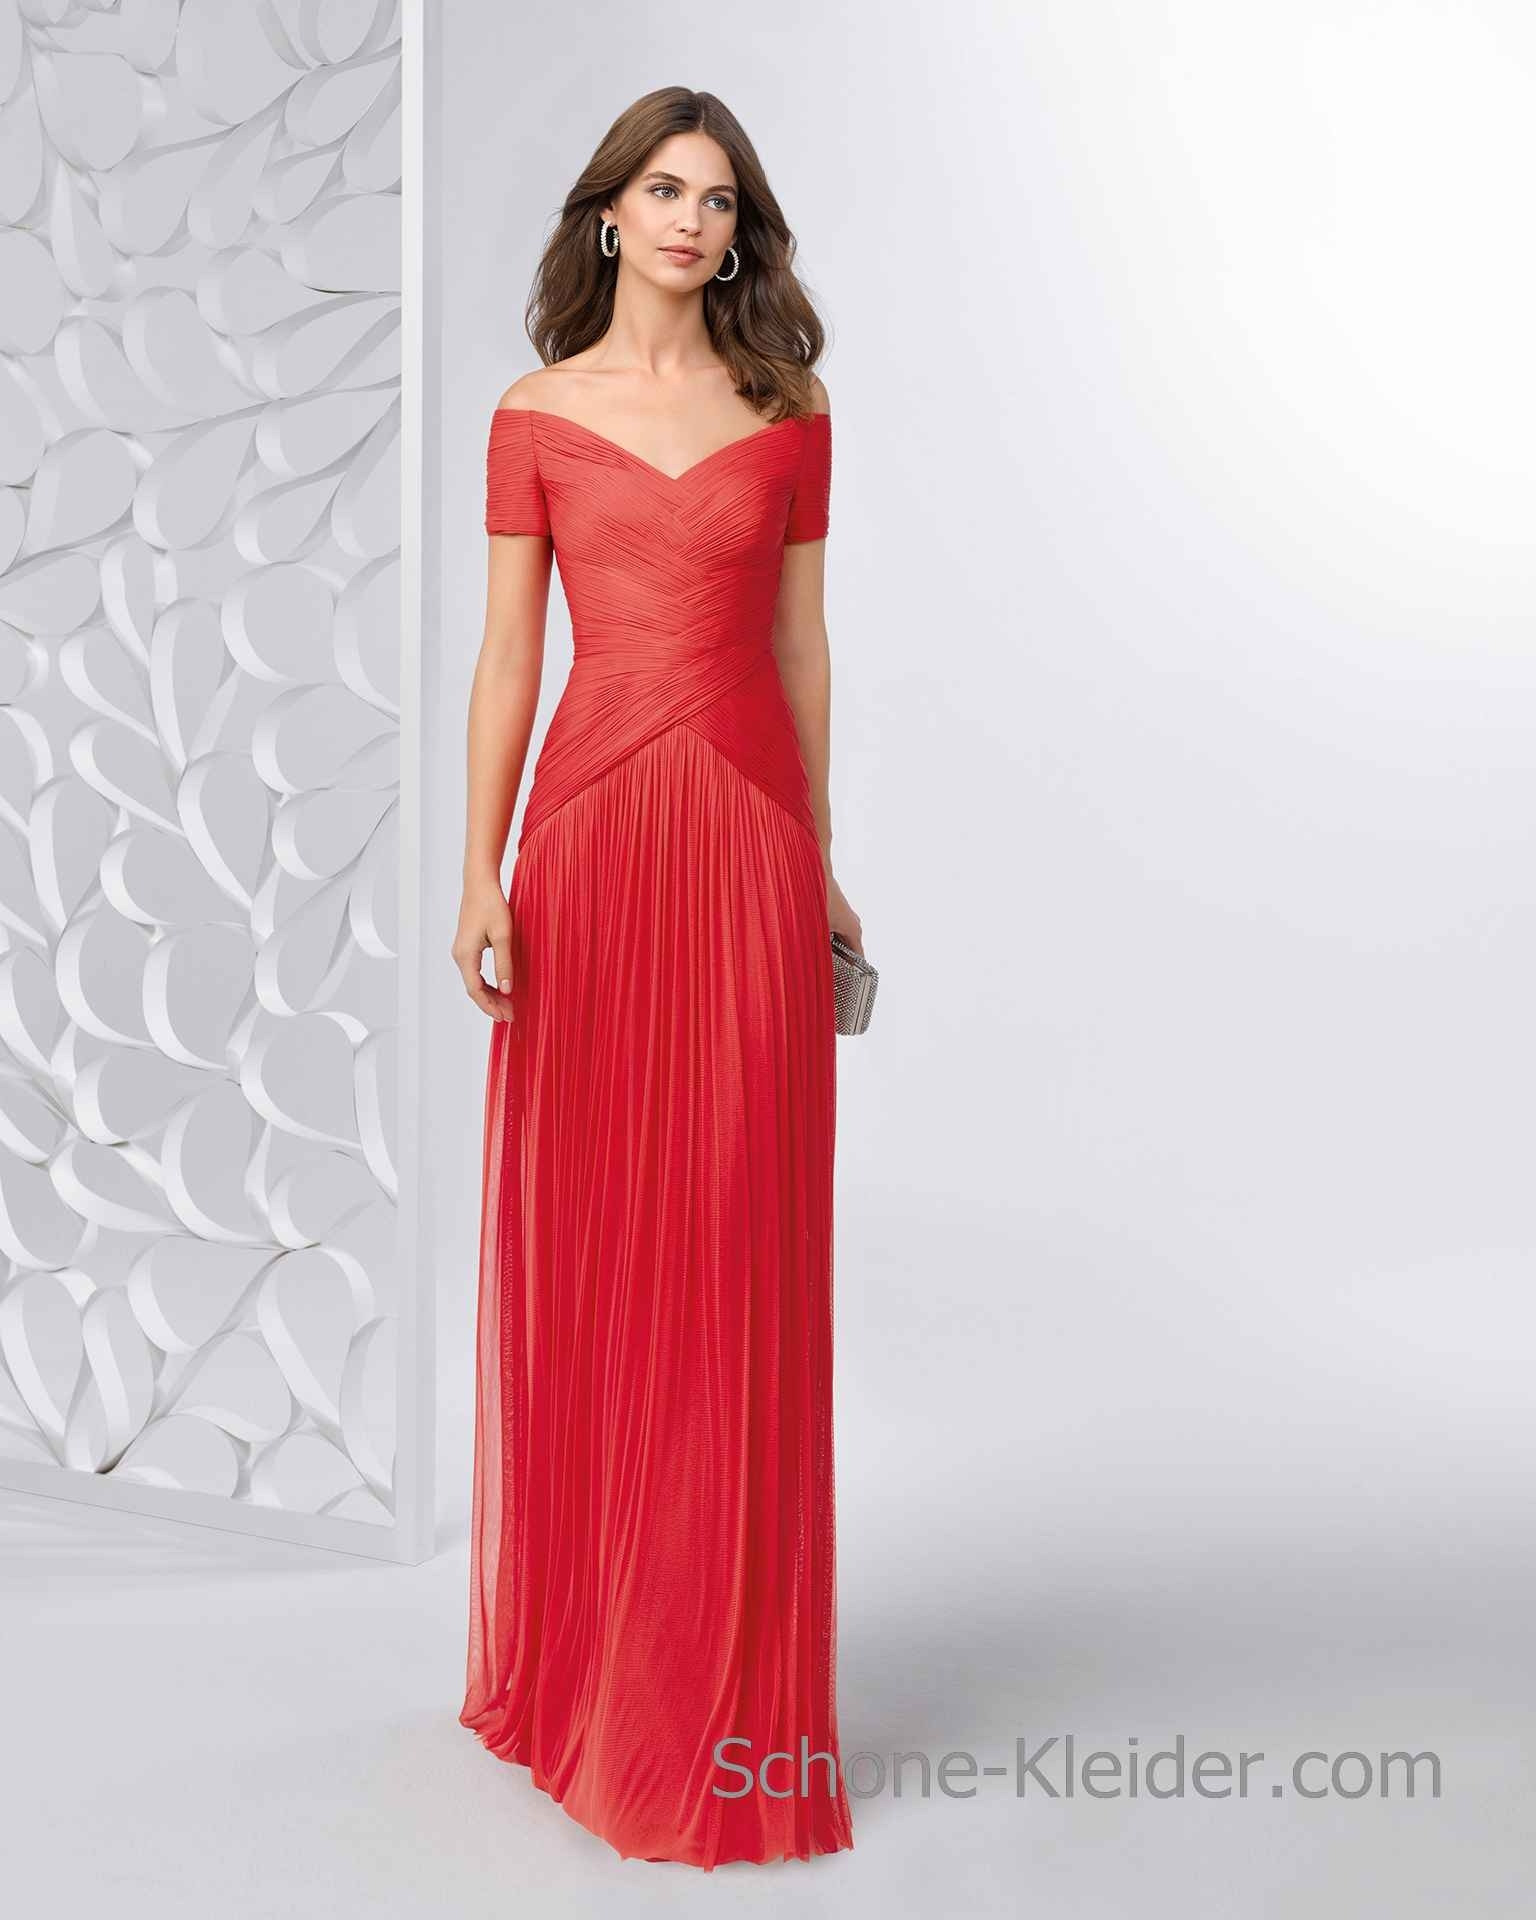 15 Spektakulär Abendkleider Für Kleine Frauen Boutique10 Luxus Abendkleider Für Kleine Frauen Stylish